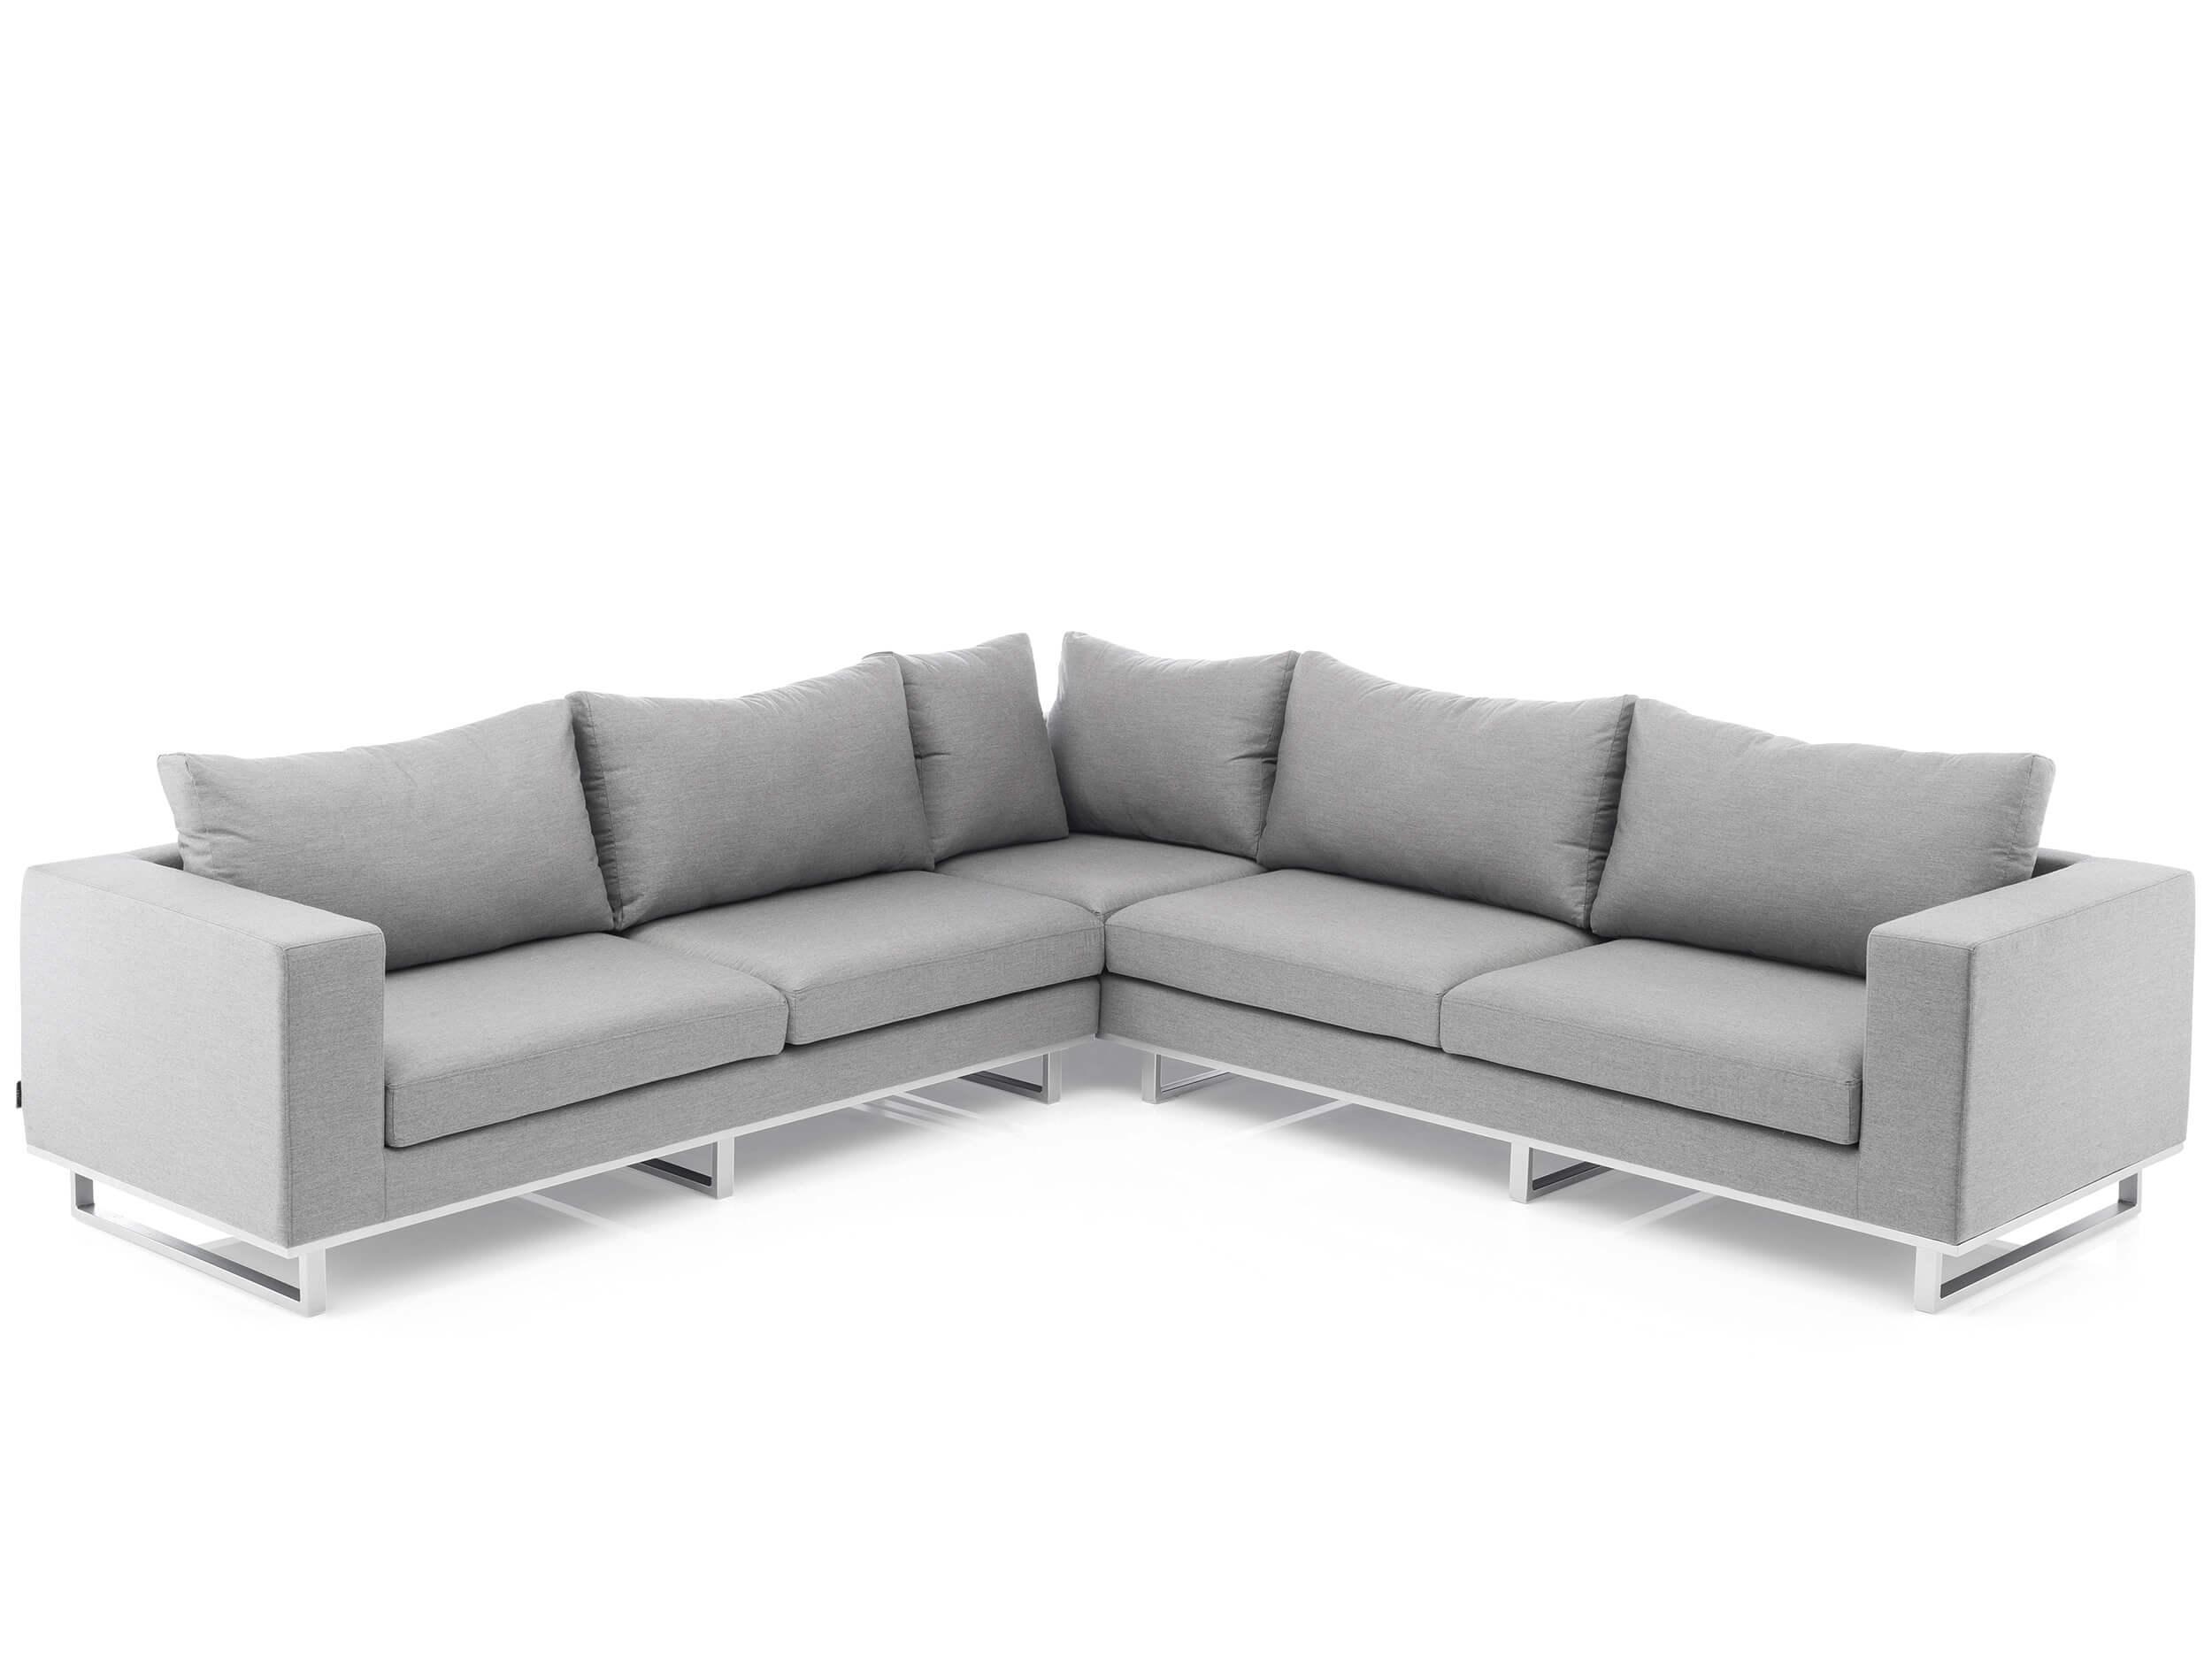 Top Ergebnis 50 Inspirierend Couch Kombination Grafiken 2017 Ldkt